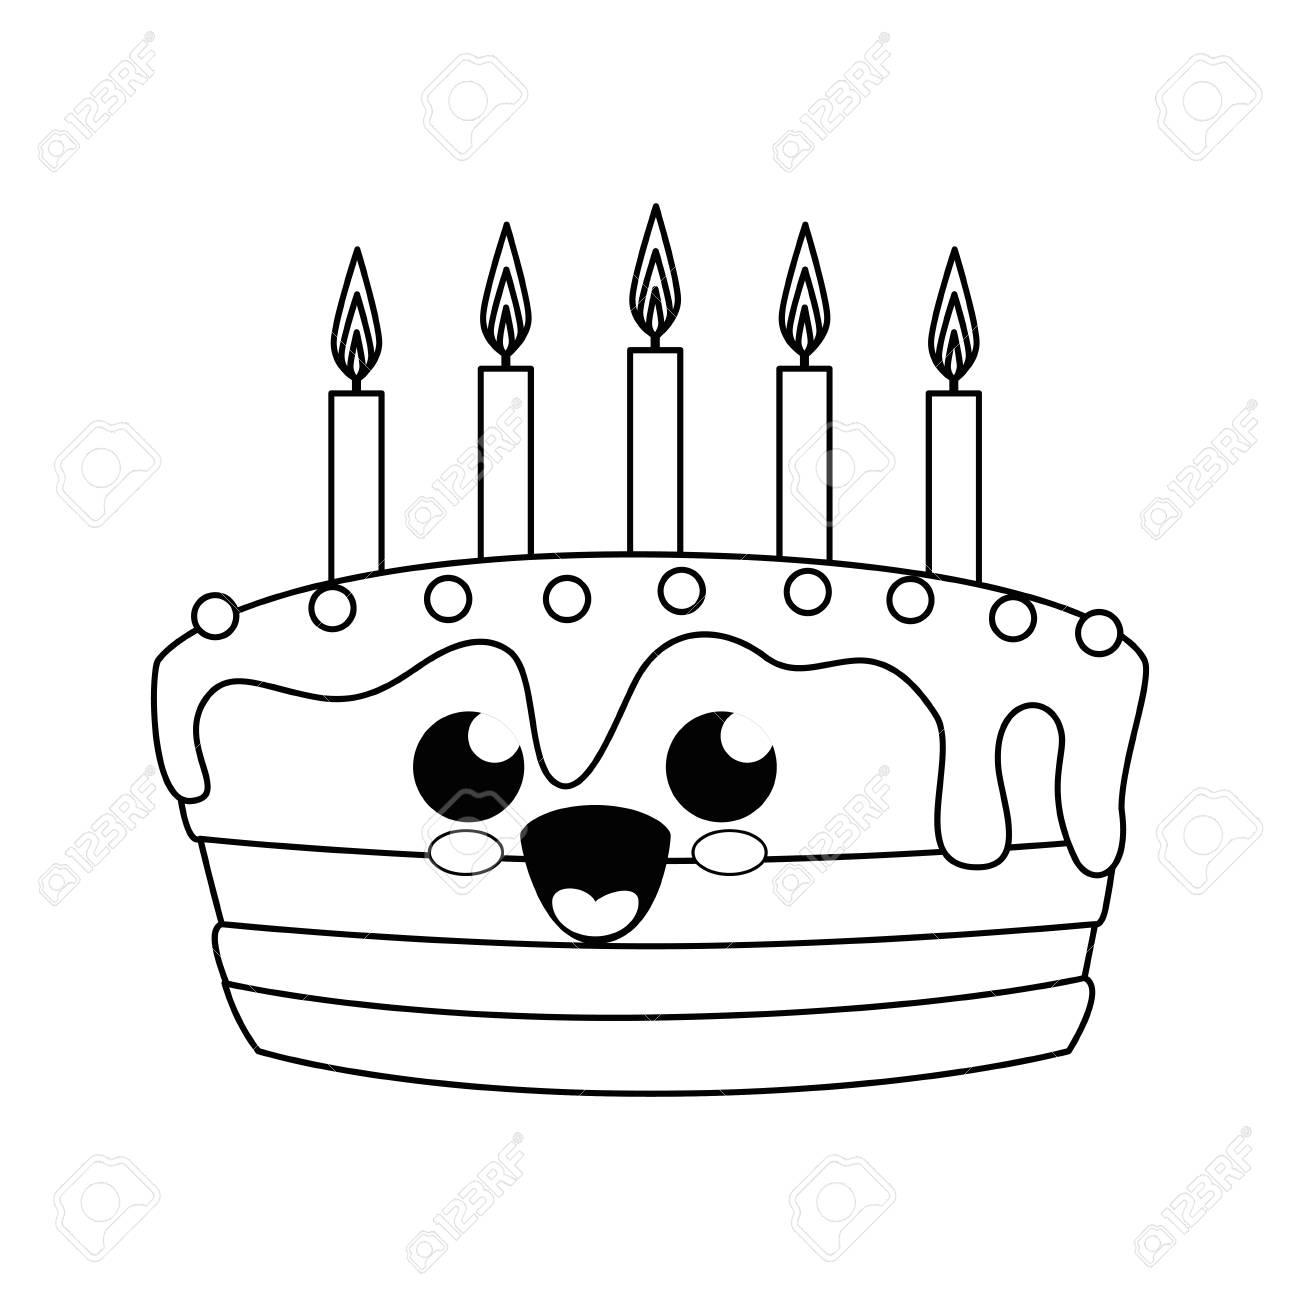 かわいい誕生日ケーキ アイコン白背景の上ベクトル図のイラスト素材